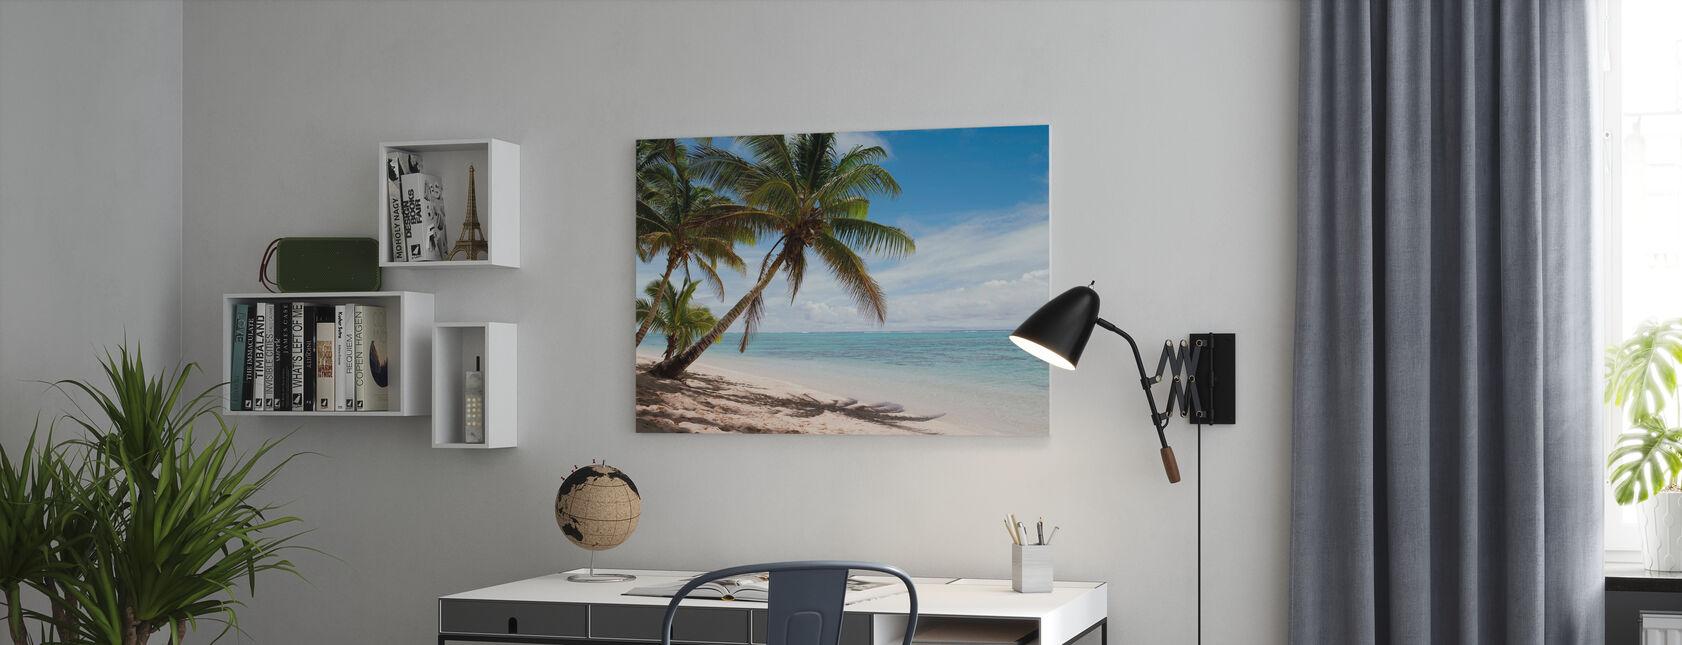 Tropisk strandscene - Lerretsbilde - Kontor